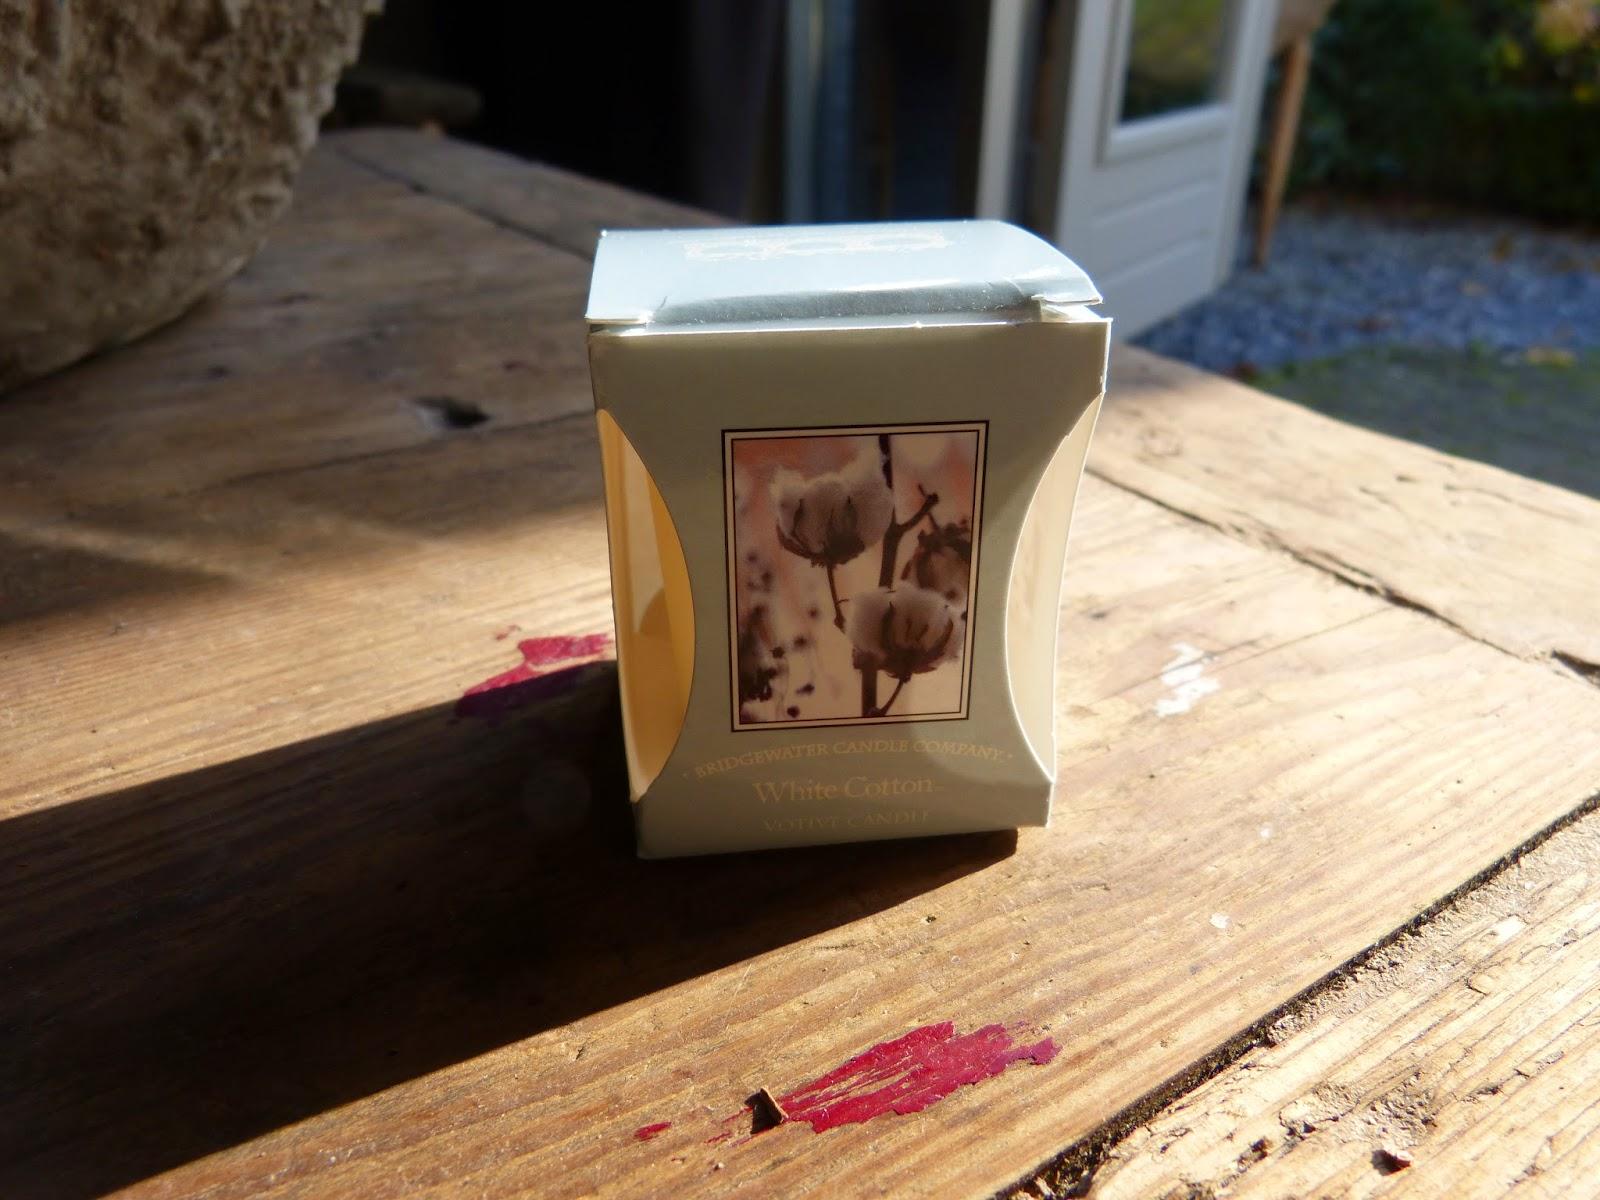 Frisse Geur Slaapkamer : Eenvoud simplicity geur in huis